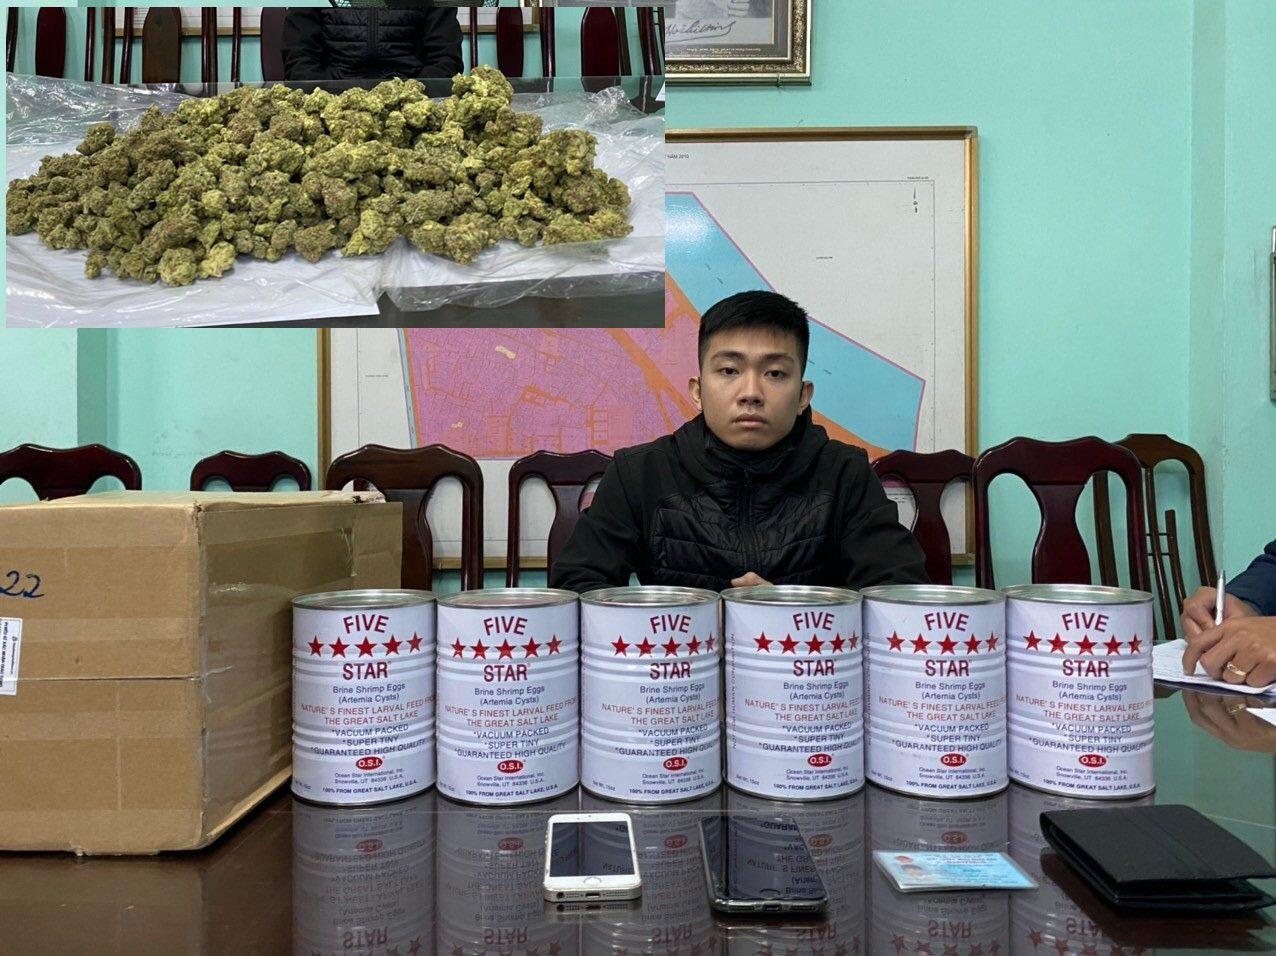 Chiêu trò vận chuyển ma túy bằng chuyển phát nhanh ở Hà Nội - Ảnh 1.